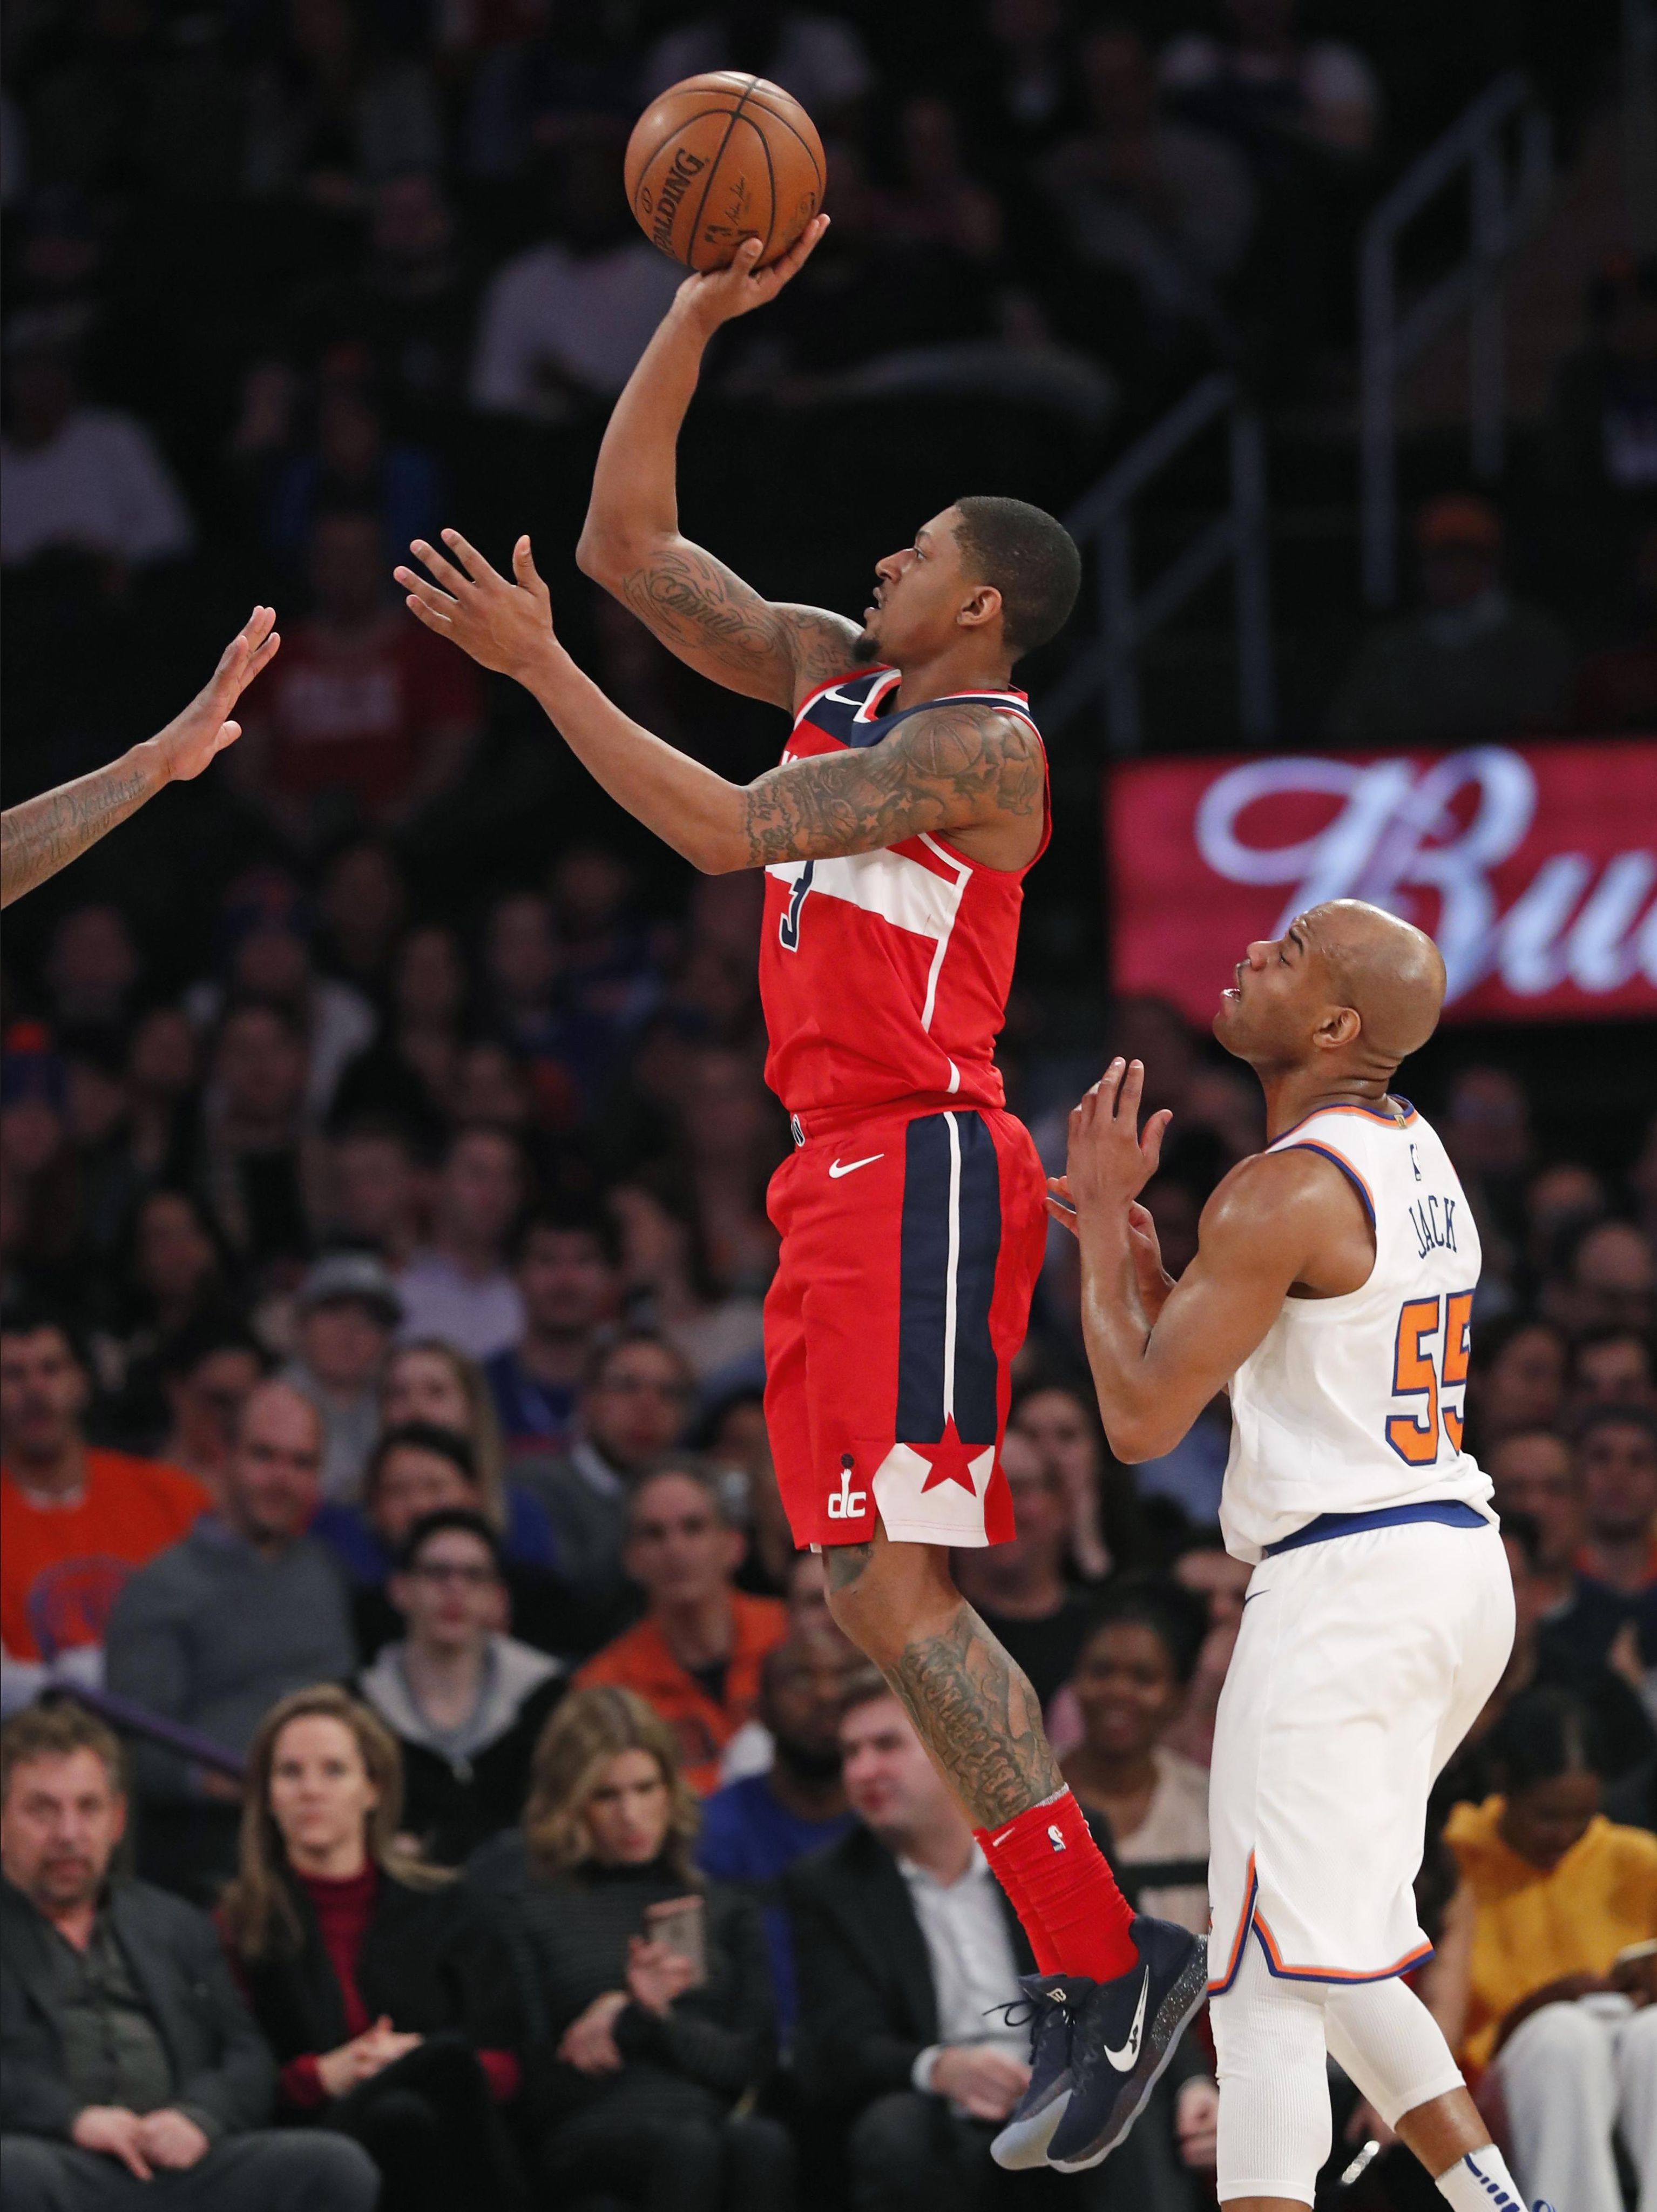 Wizards_knicks_basketball_61300_s3069x4096